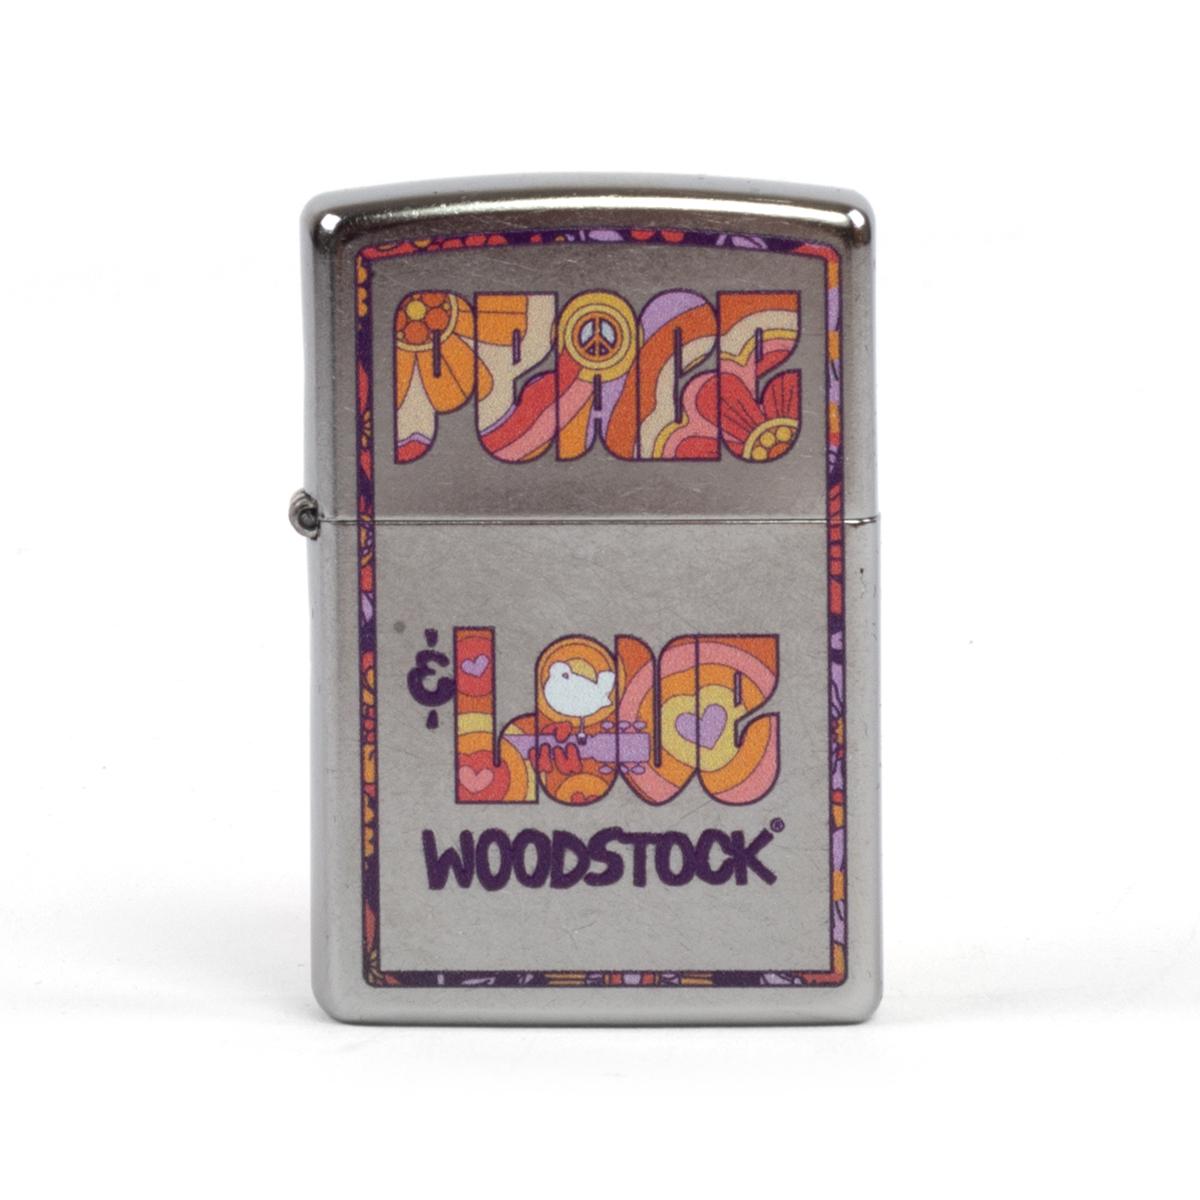 Woodstock Peace & Love Tie Dye Zippo